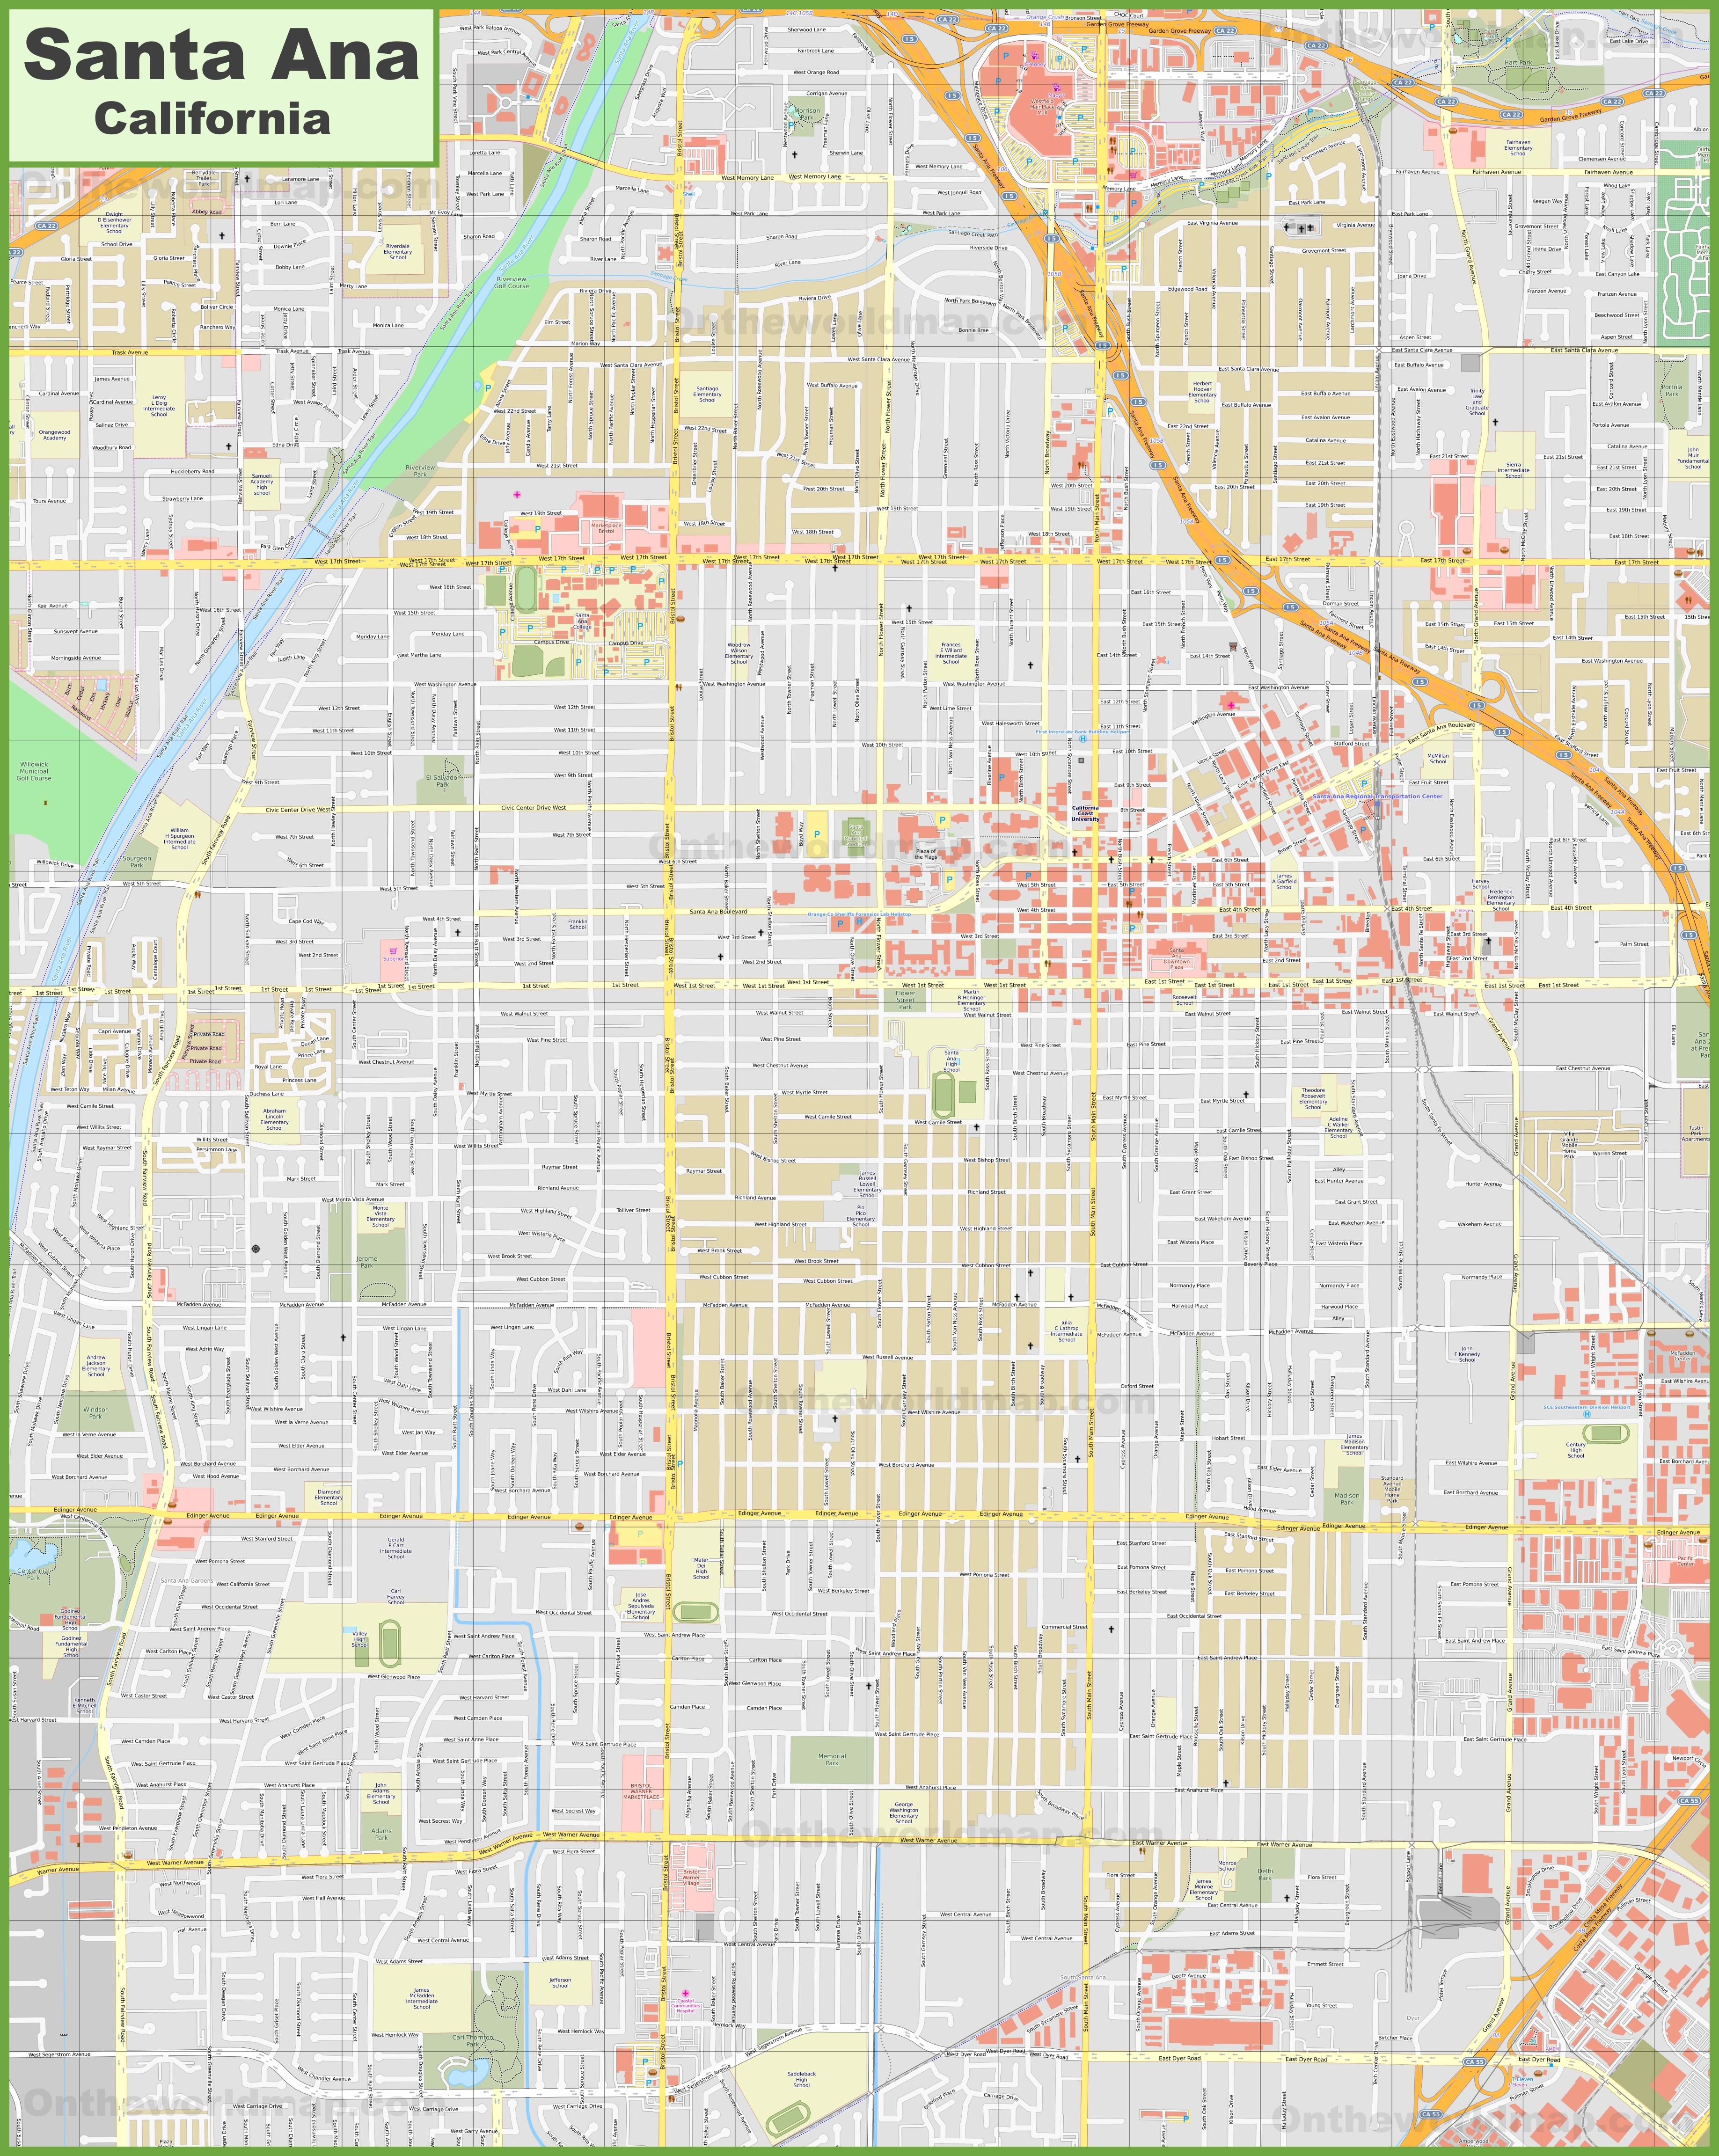 Large detailed map of Santa Ana on huntington beach map, john wayne airport map, san francisco map, los angeles map, rancho santa margarita map, las vegas map, los robles map, rancho blanco map, la saladita map, rancho santa fe map, sacramento map, caborca map, downieville map, fresno map, oakland map, rancho mission viejo map, east compton map, south andros map, bakersfield map, el golfo de santa clara map, san diego map, anaheim map, san pablo map, laguna beach map, san jose map, playa santa teresa map, la frontera map, woodlake map,